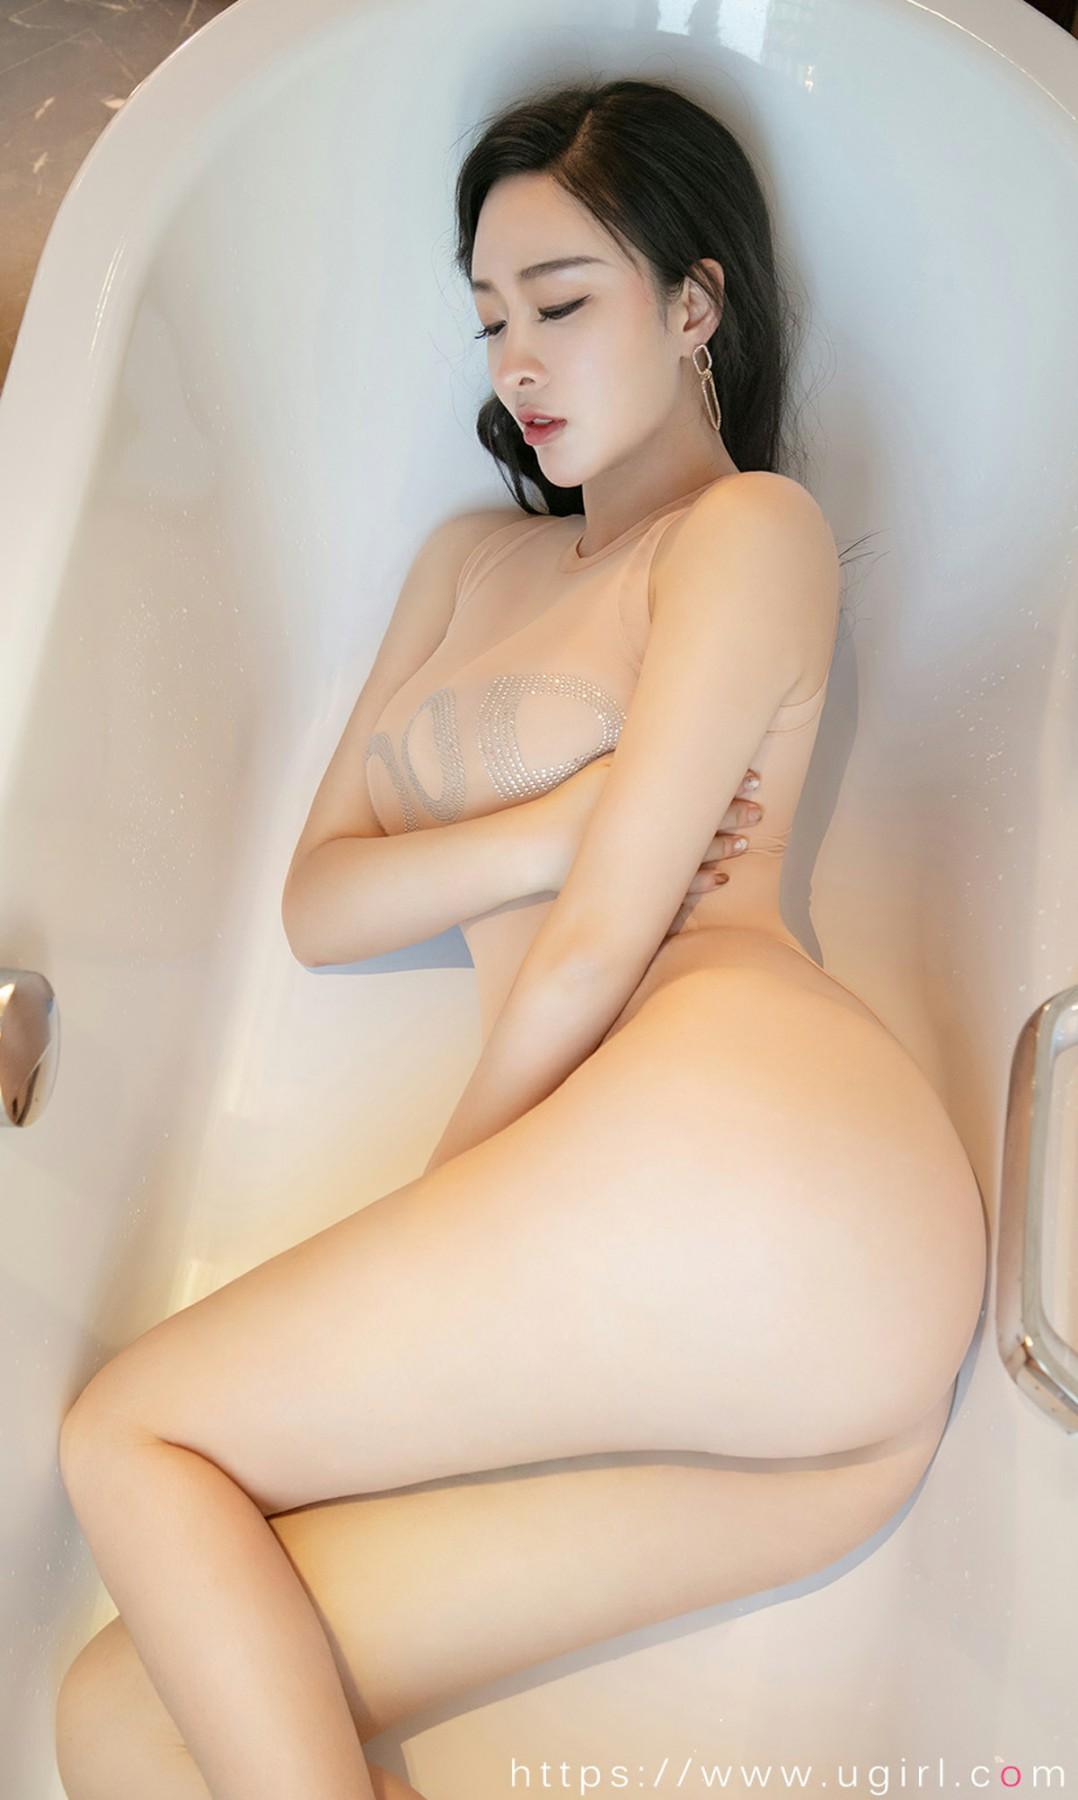 [Ugirls尤果网]爱尤物 2020.02.06 No.1723 小欣欣 似水流年[34P] 尤果网 第1张